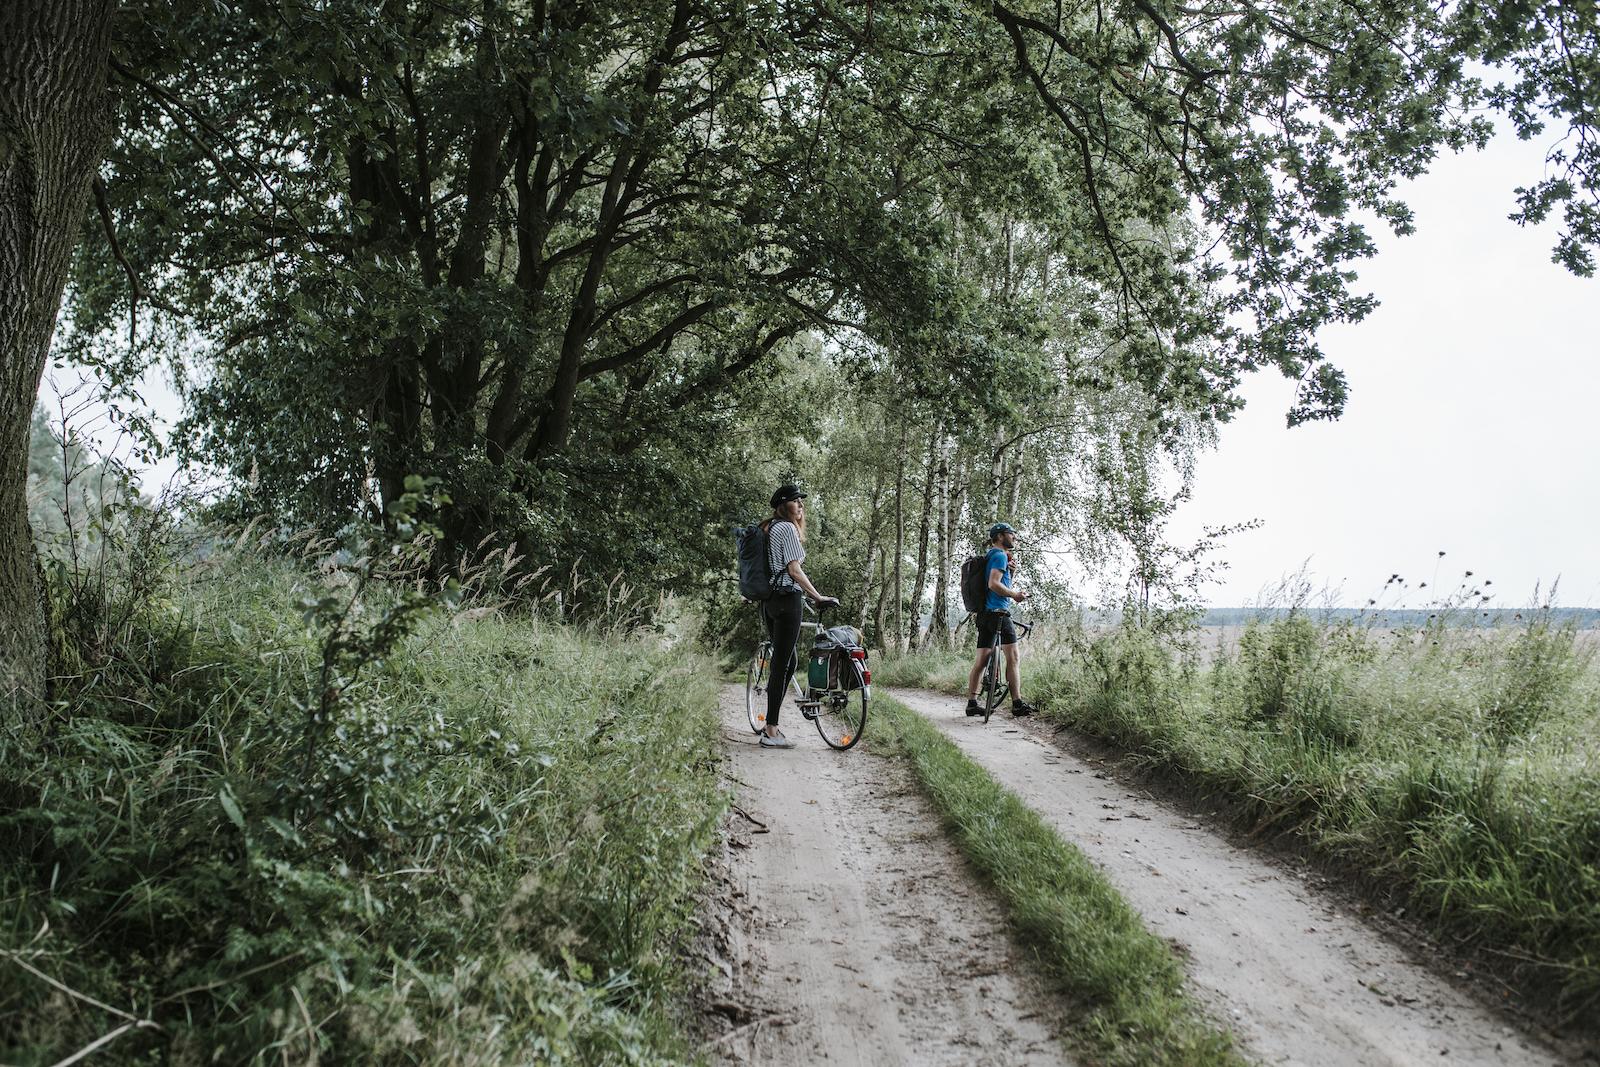 wecyclebrandenburg_(c)Madlen_Krippendorf_bredereiche3.jpg